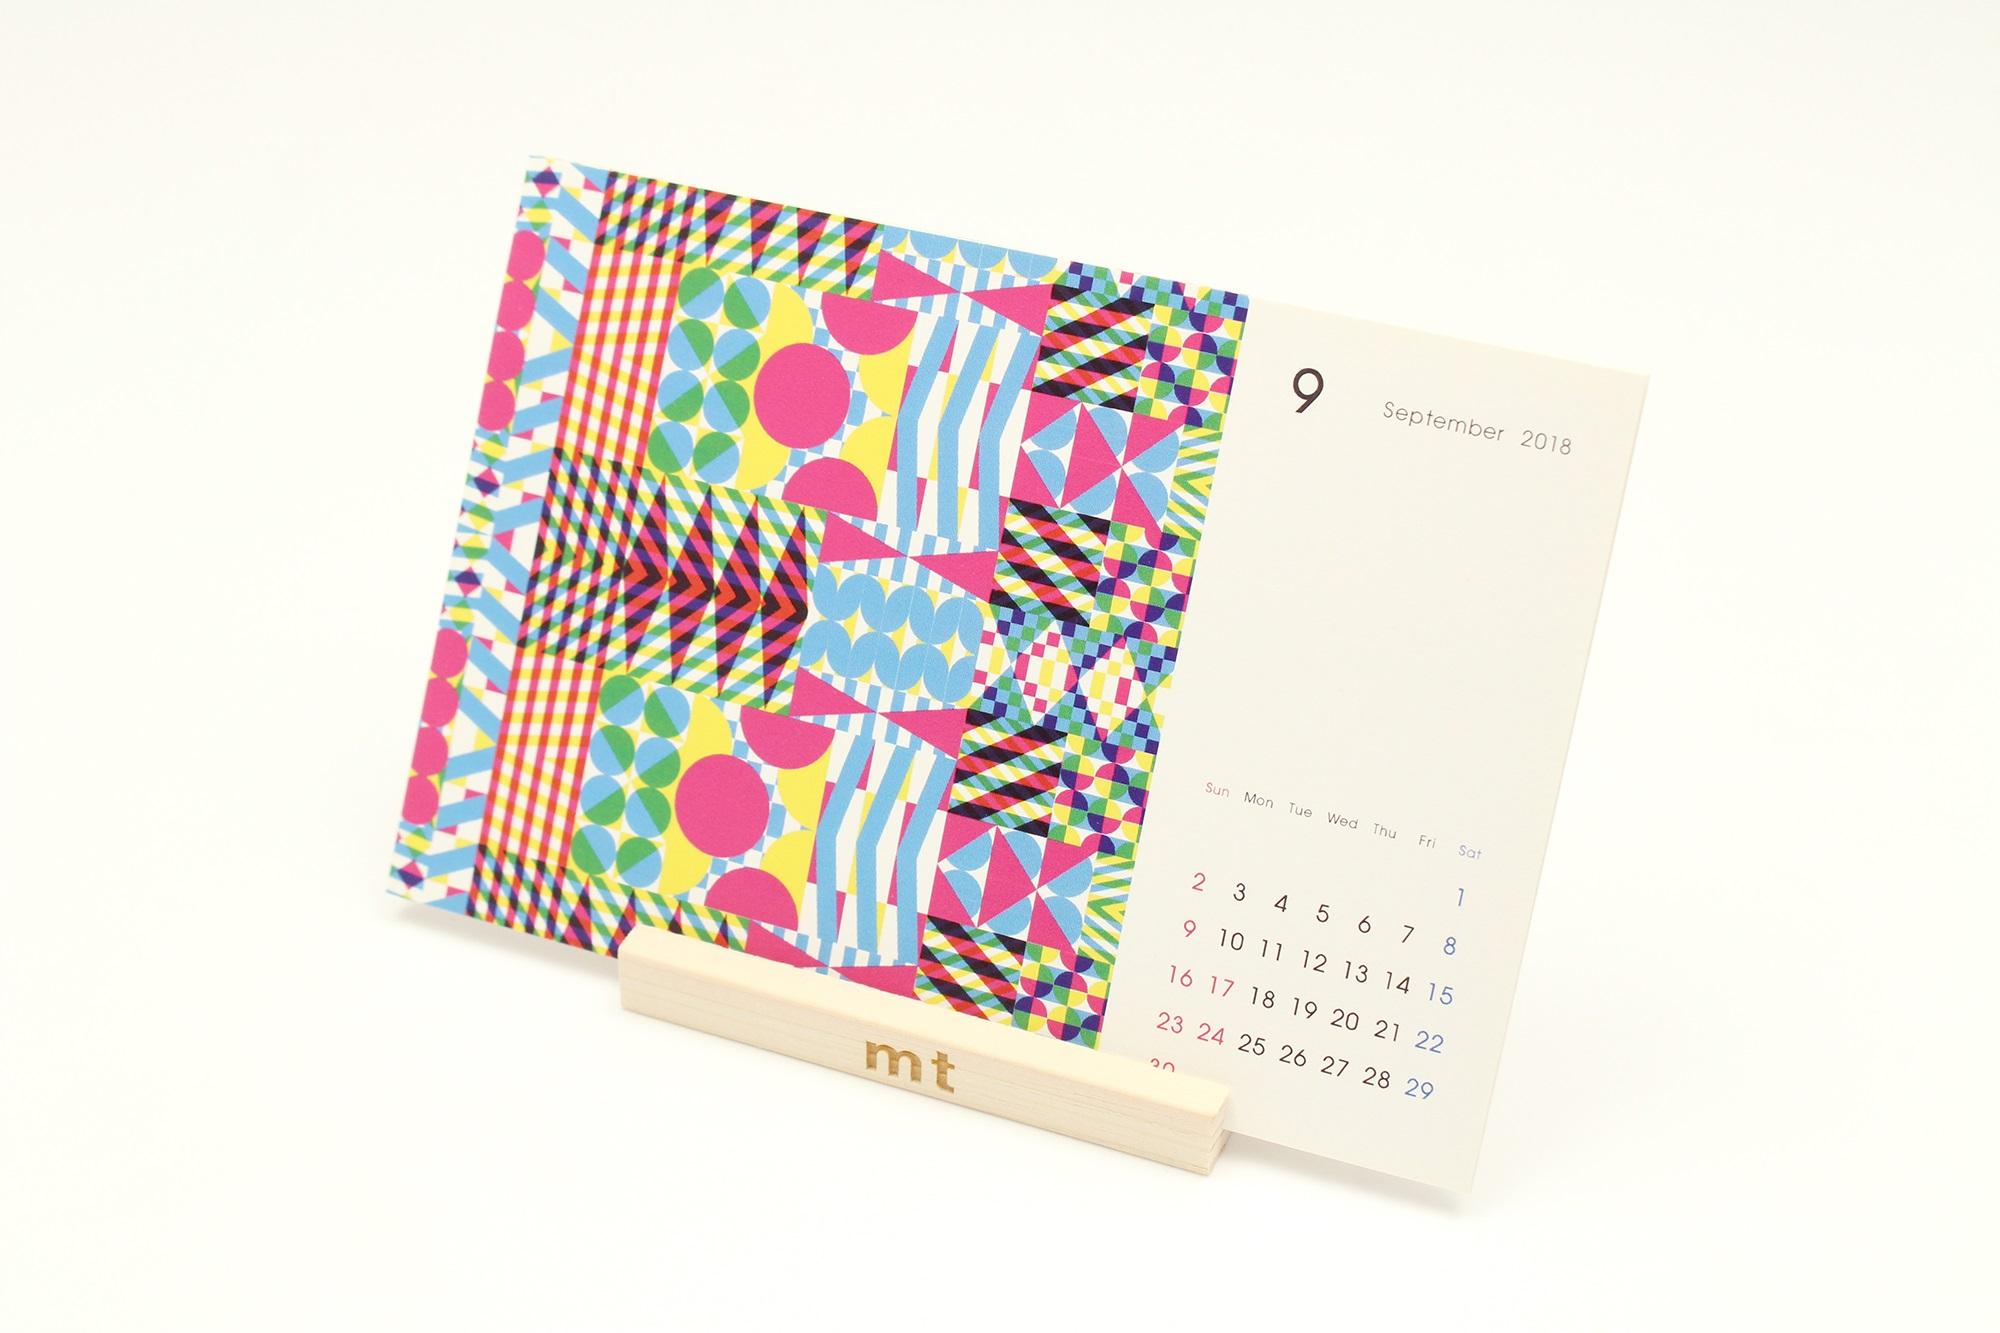 mtオンラインショップ カレンダープレゼントキャンペーンのご案内